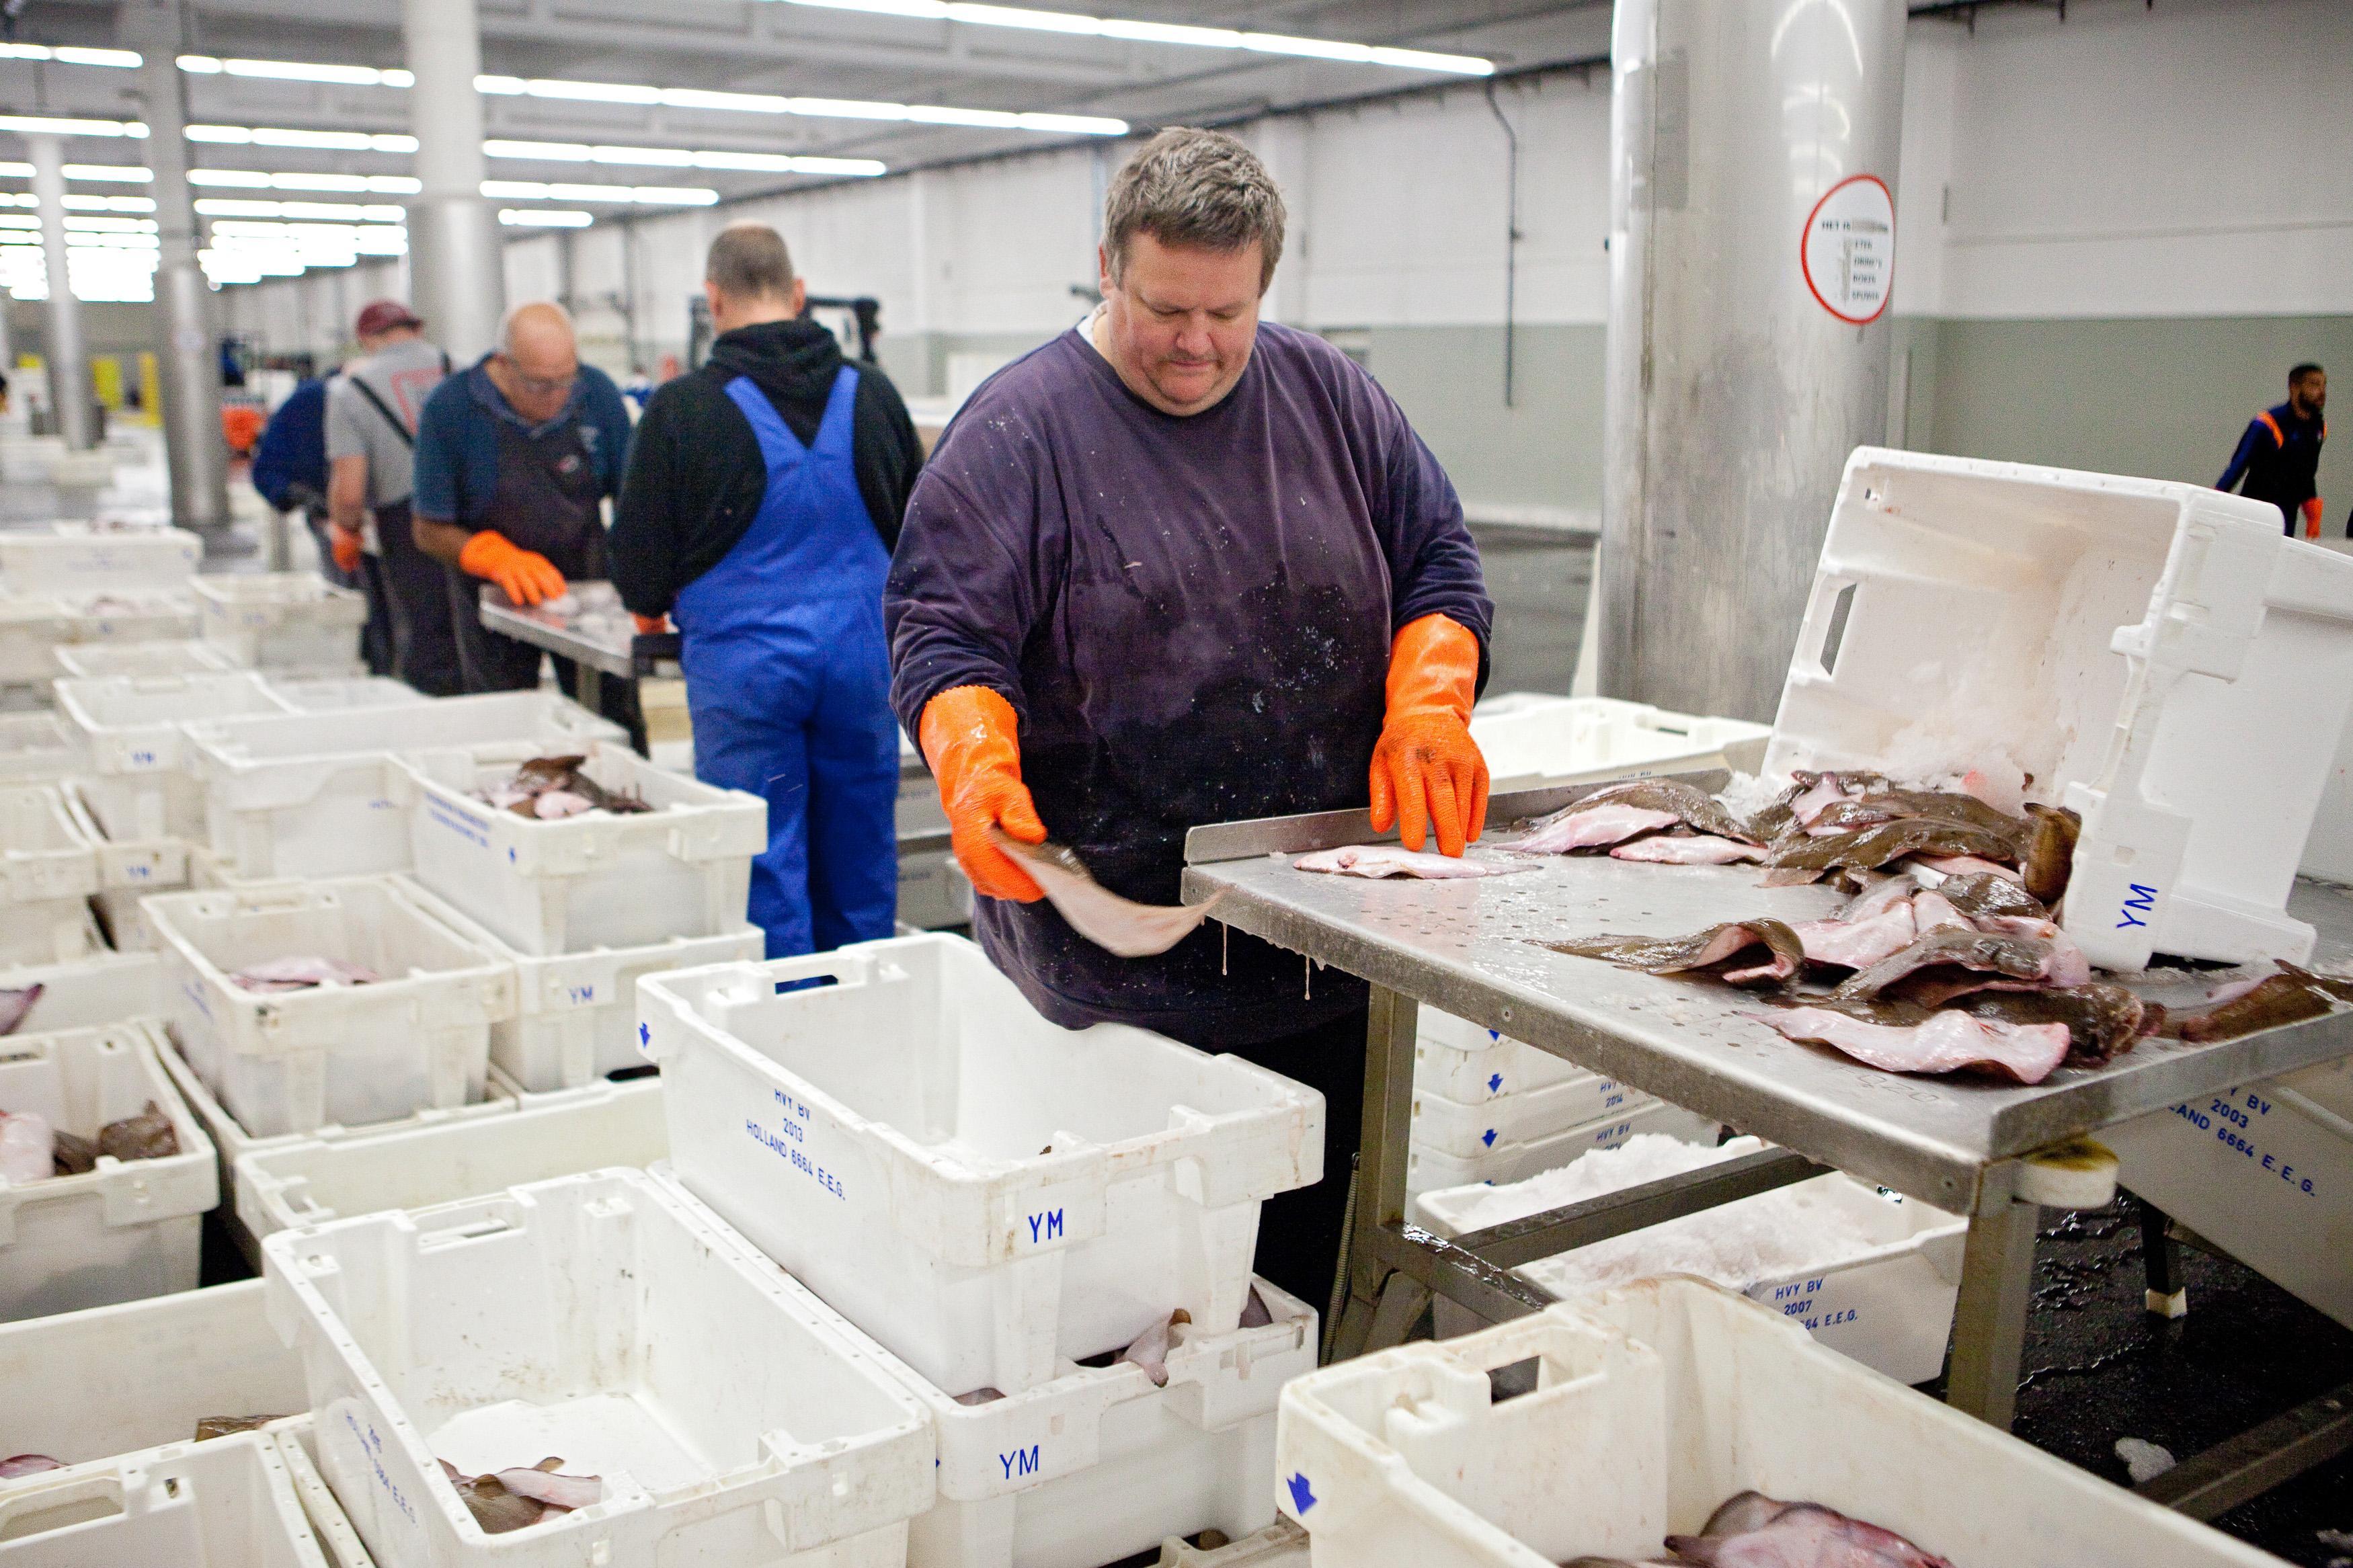 Op de visveiling in IJmuiden werd vorig jaar iets meer vis aangevoerd, de omzet daalde echter vanwege corona